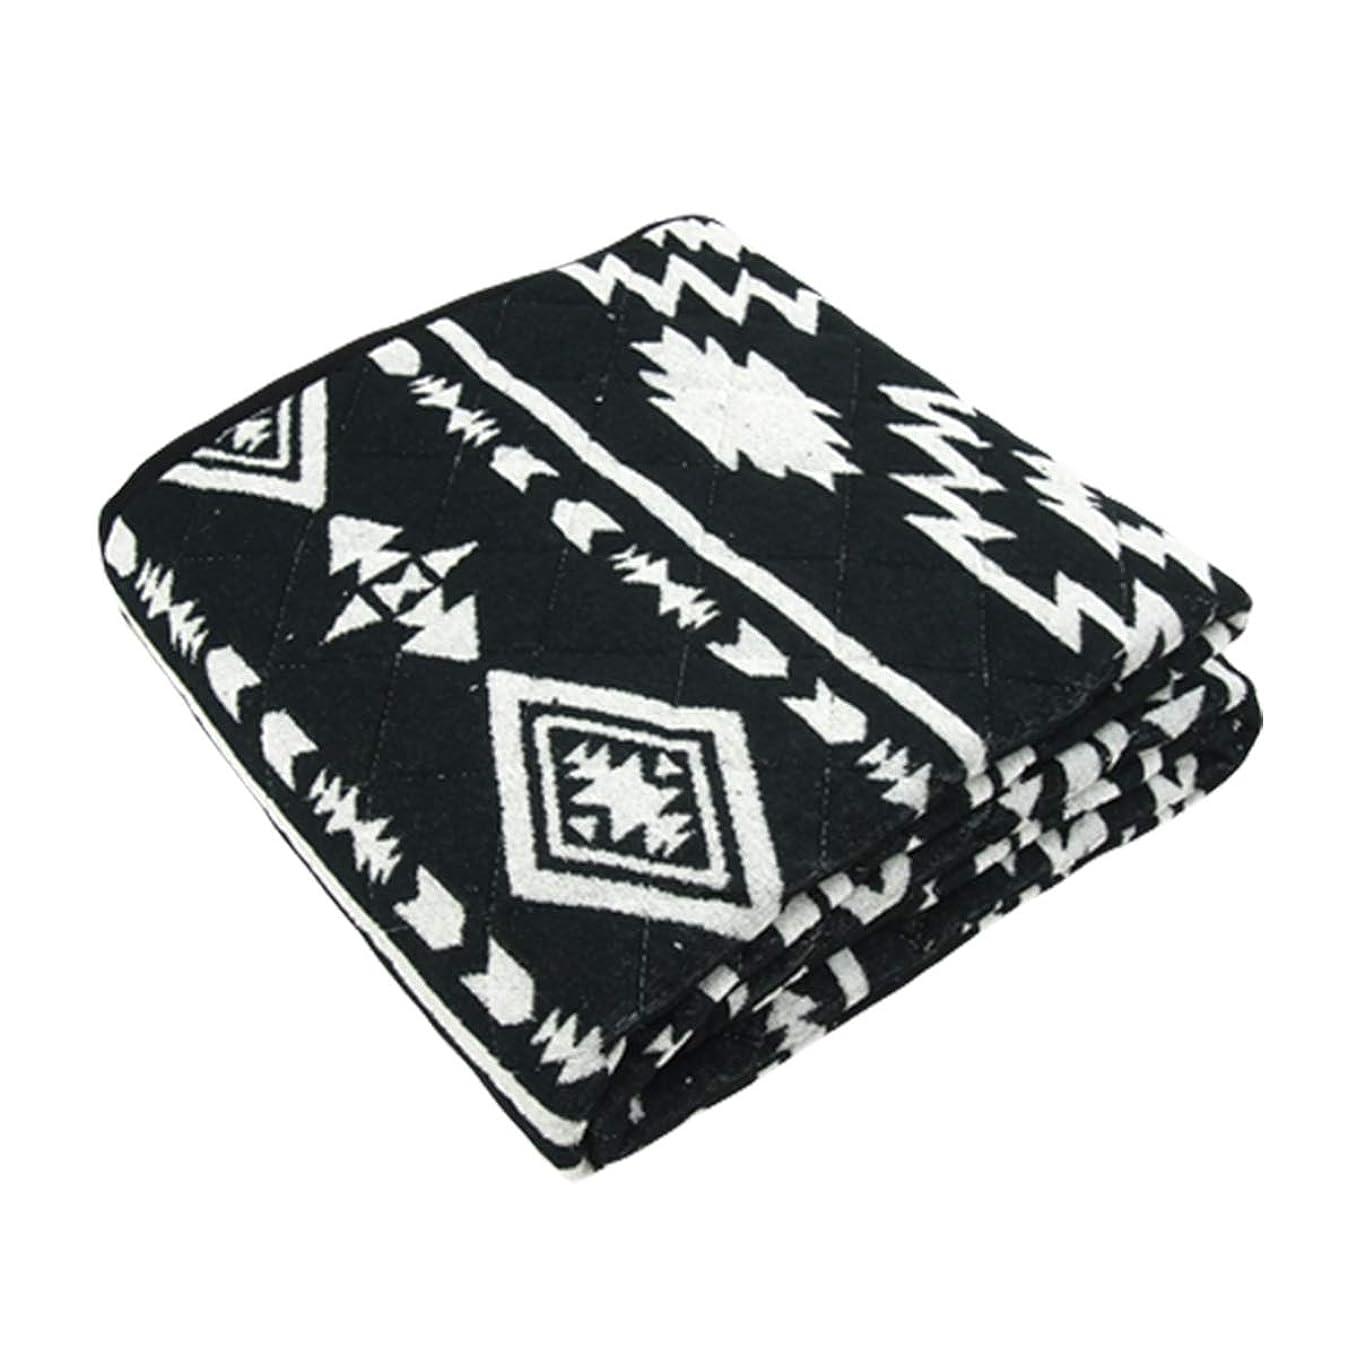 引っ張る製油所感じ敷きパッド タオル地 先染め 綿パイル オルテガ柄 シングルサイズ 100×205cm ジャガード織 オールシーズン使えます (ブラック)